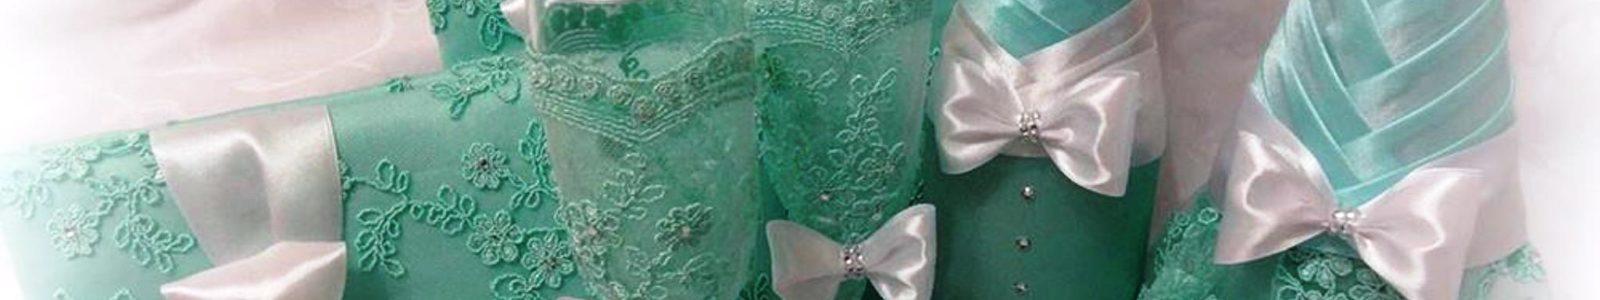 Мятный цвет свадьбы: необычно, загадочно, стильно и, безусловно, прекрасно